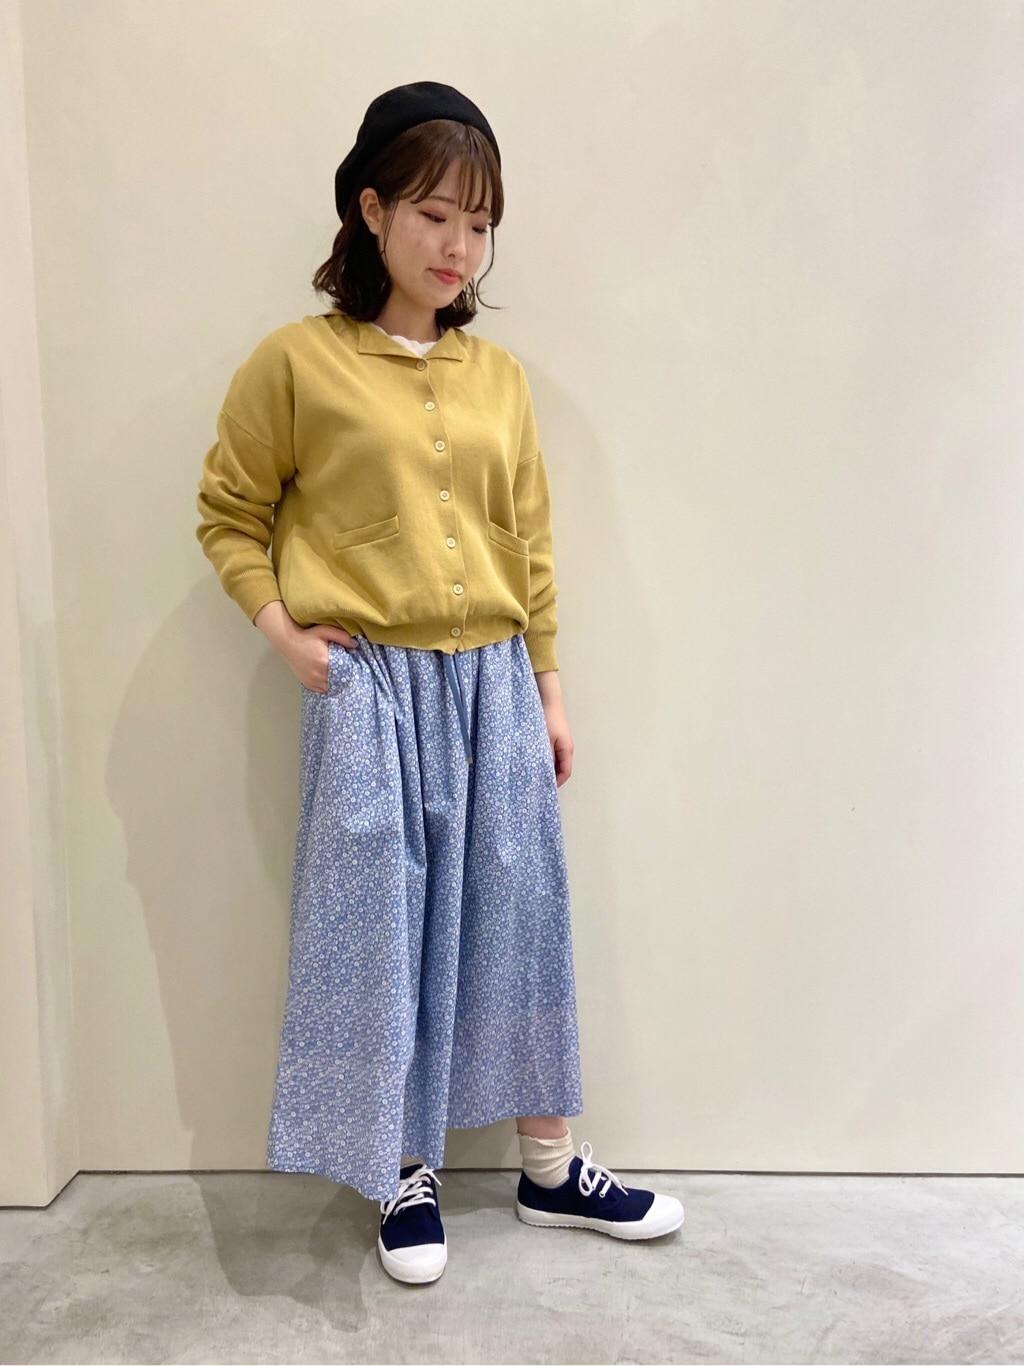 CHILD WOMAN , PAR ICI 新宿ミロード 2021.01.19